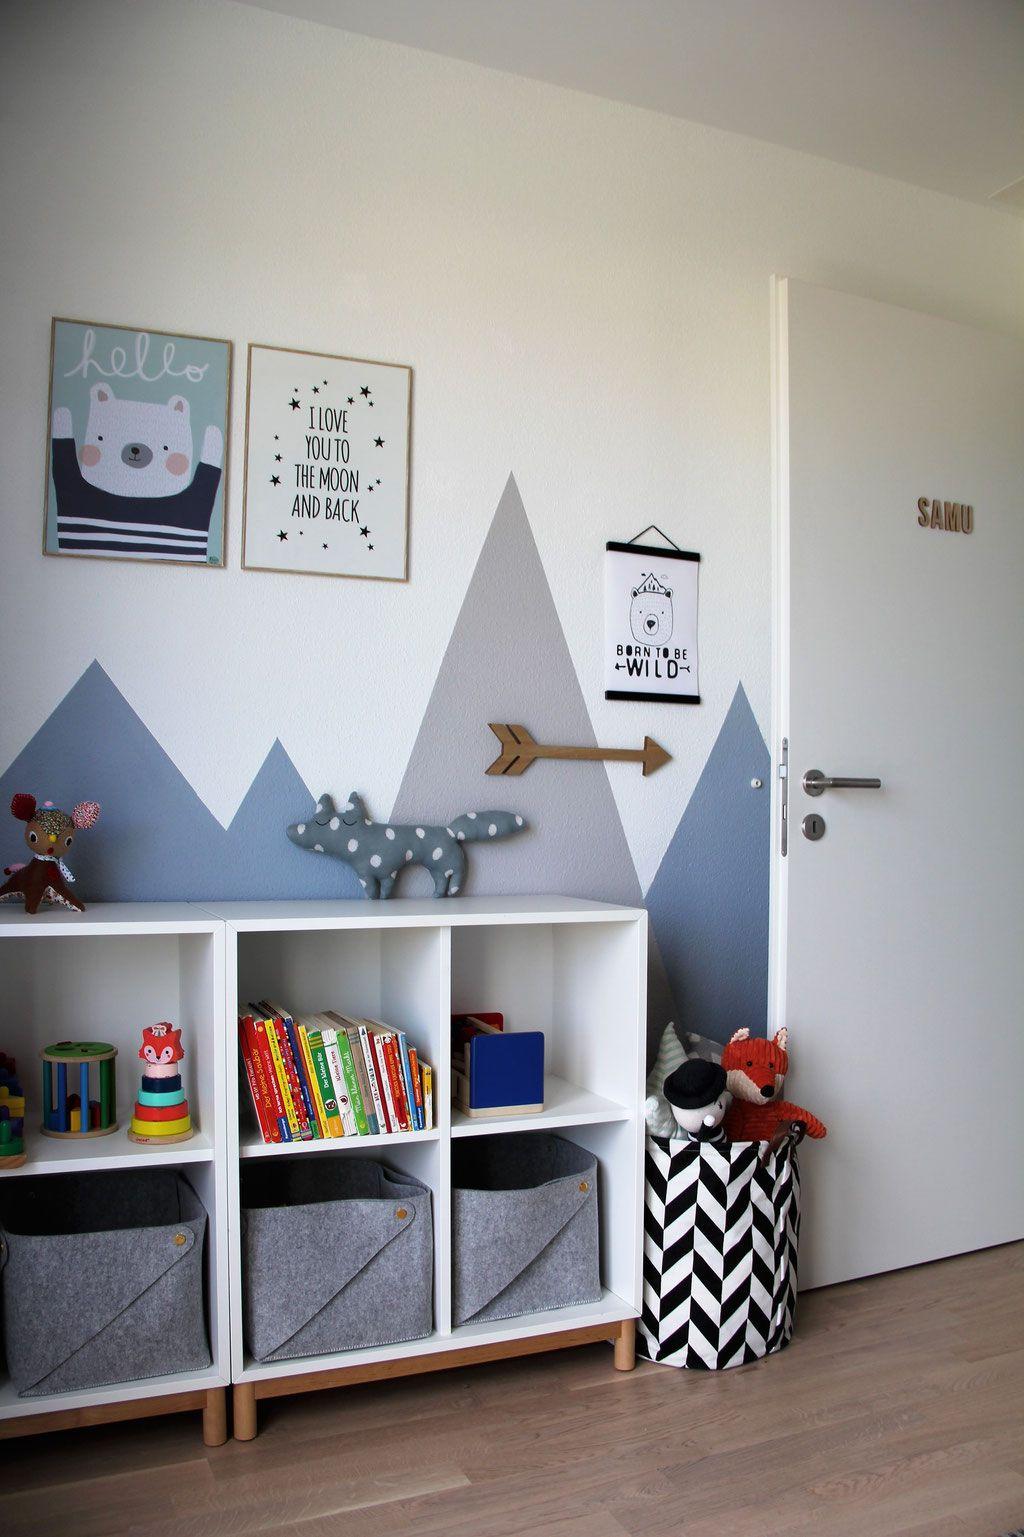 Full Size of Kinderzimmer Einrichten Junge Babyzimmer Mint Grau Best Of Fotografie Inspiration Regal Weiß Badezimmer Kleine Küche Sofa Regale Kinderzimmer Kinderzimmer Einrichten Junge